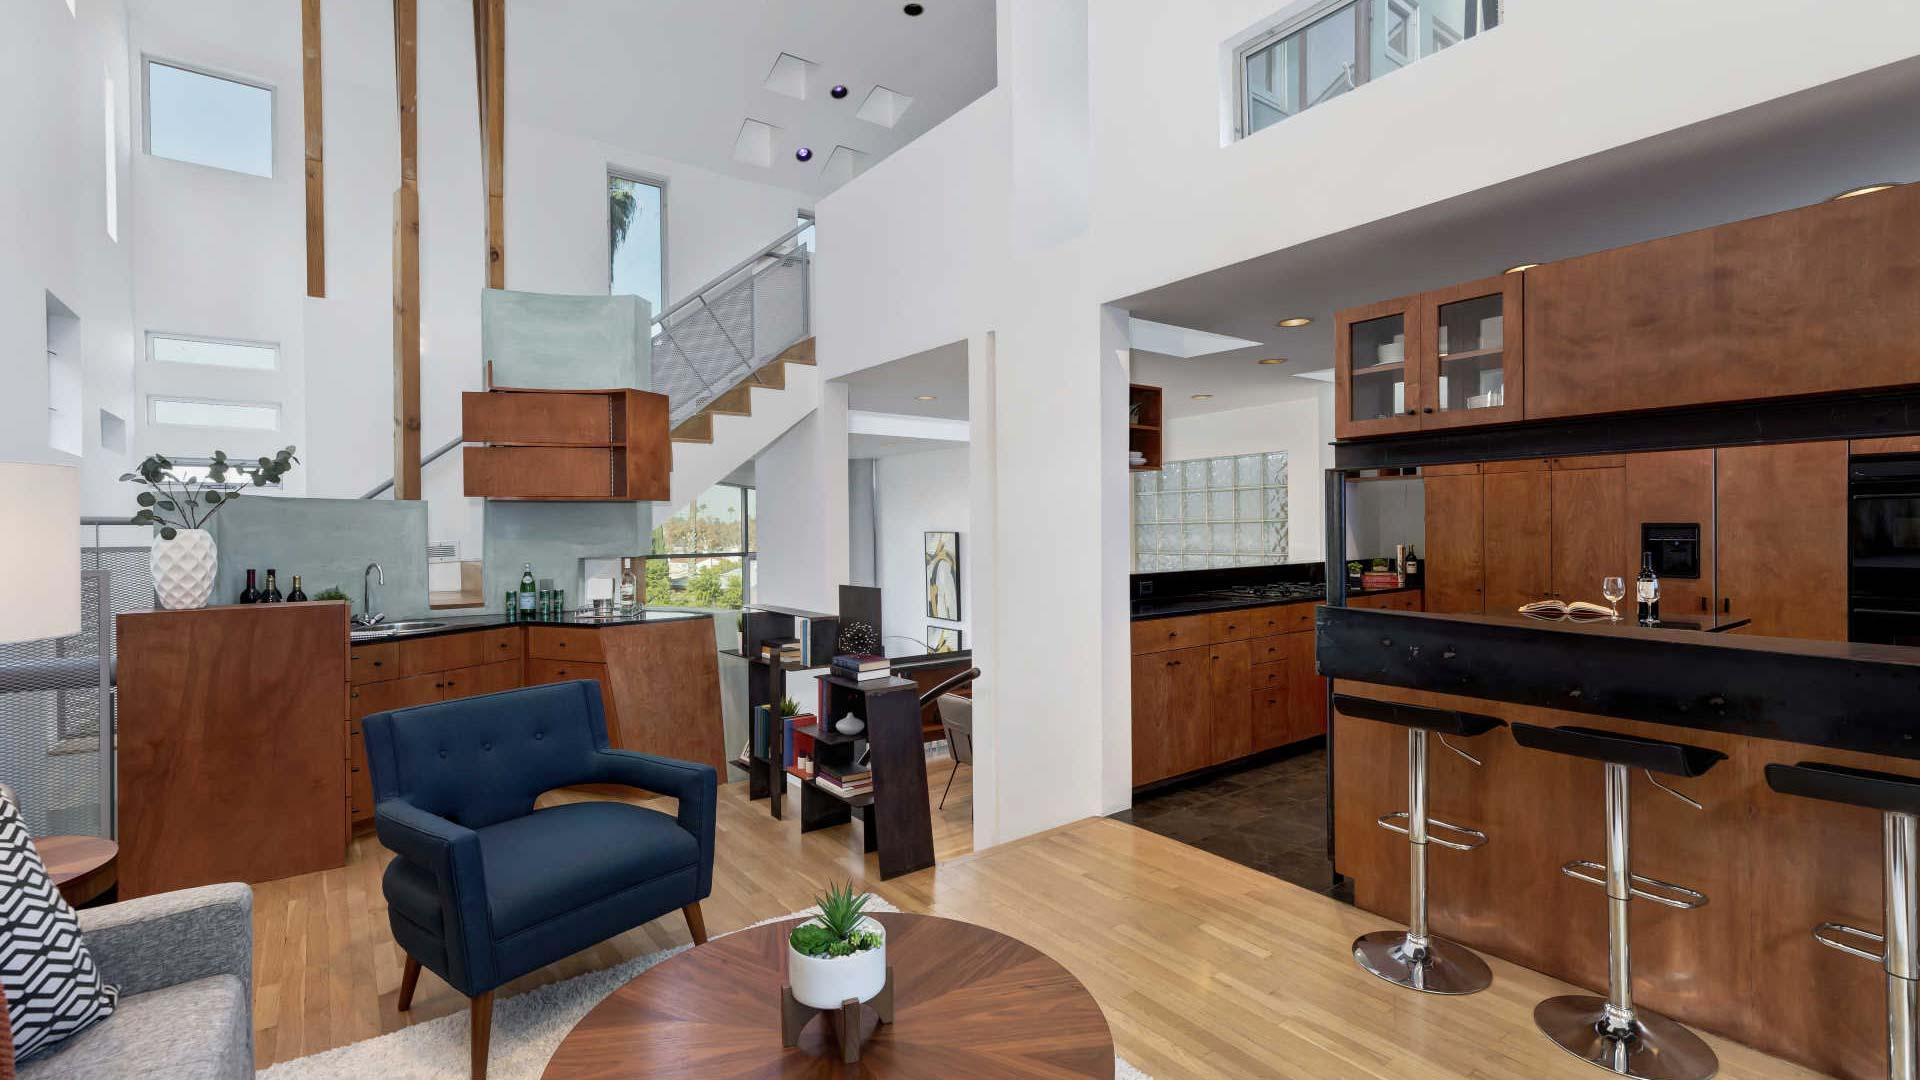 LA City, CA 91604 – 12236 Laurel Terrace, Studio – $1,880,000